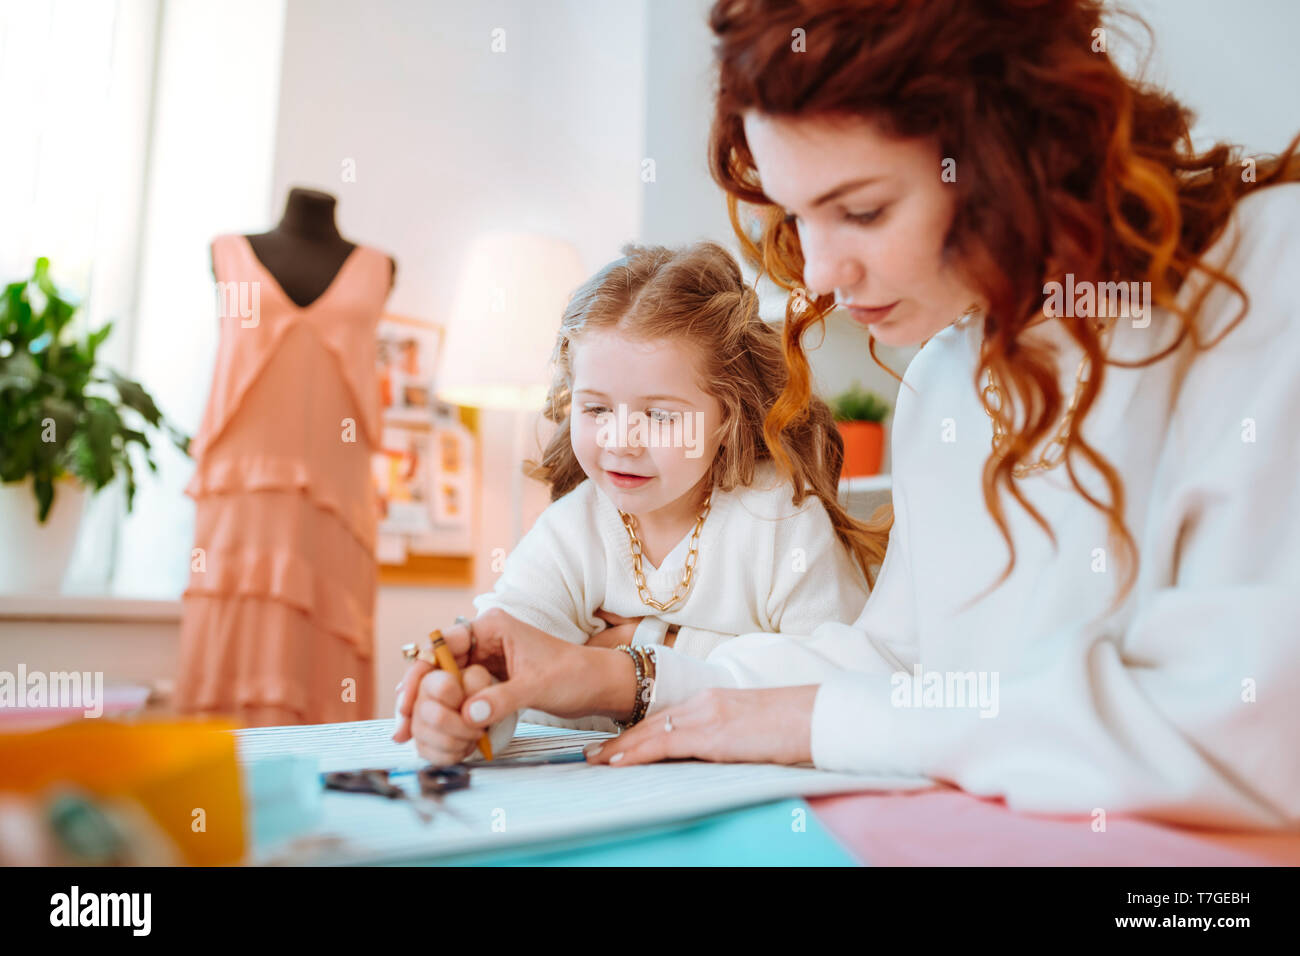 Ansprechende süße Mädchen stehen in der Nähe von Mutter entwerfen Kleider Stockbild